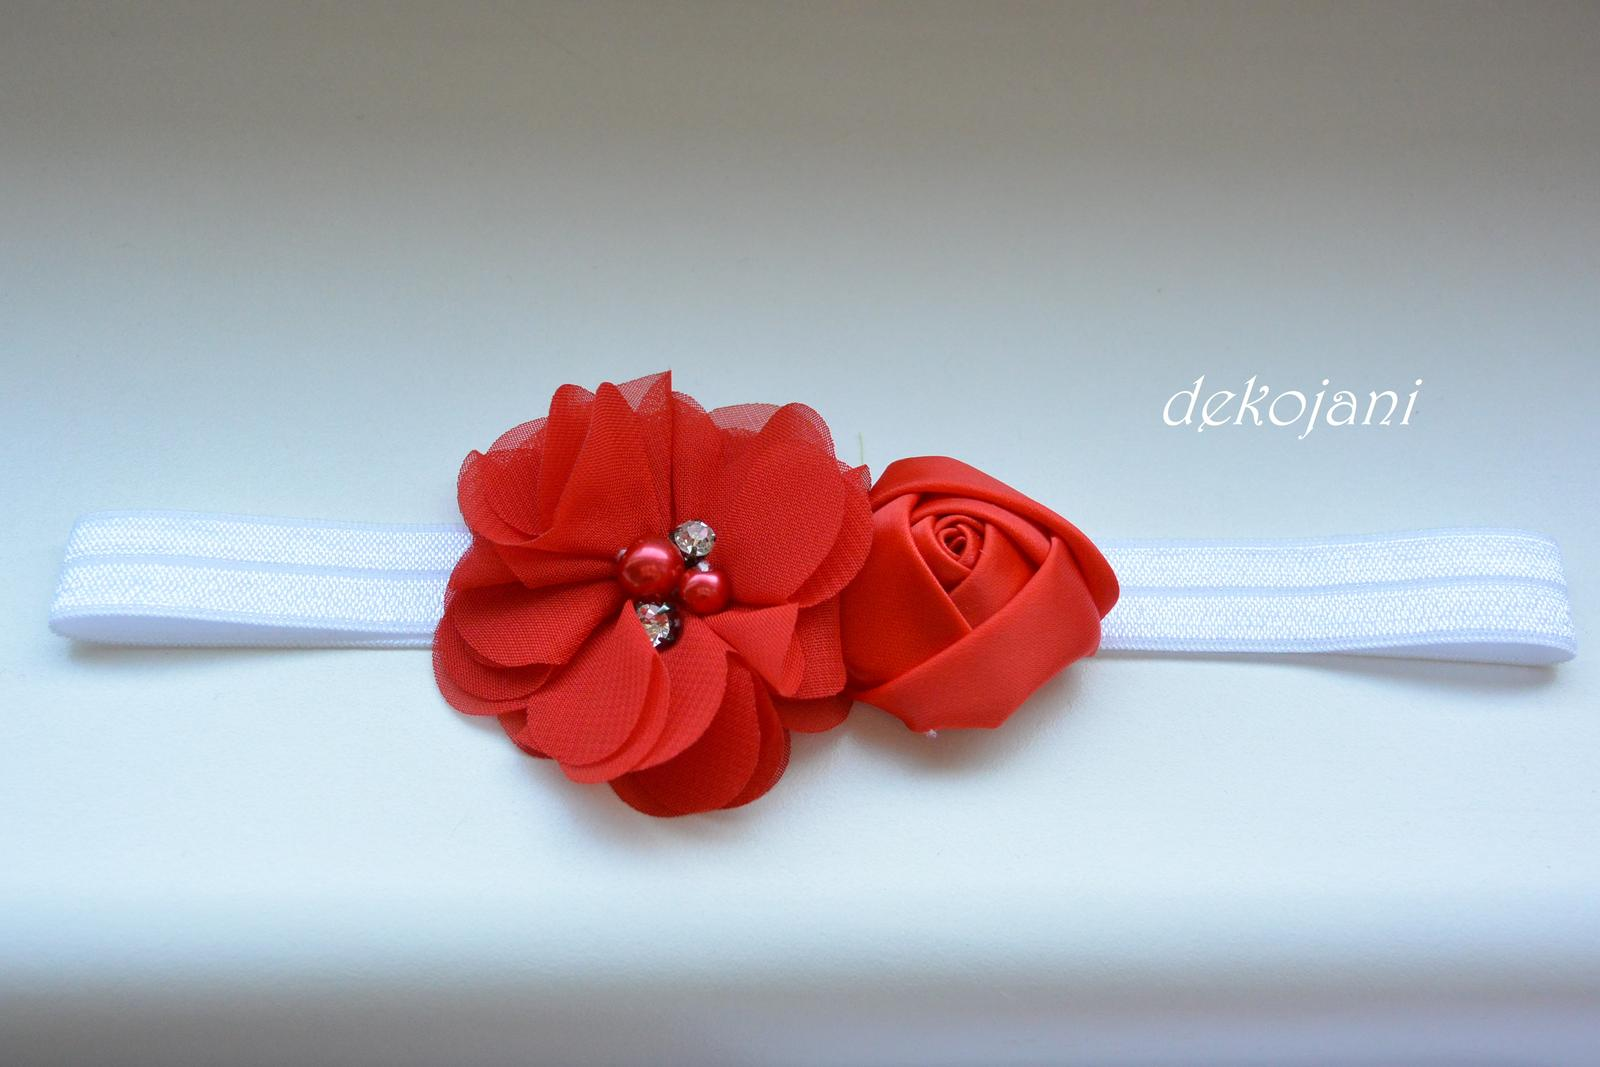 Čelenky, květiny do vlasů, náramky, obojek pro pejska... - Obrázek č. 61